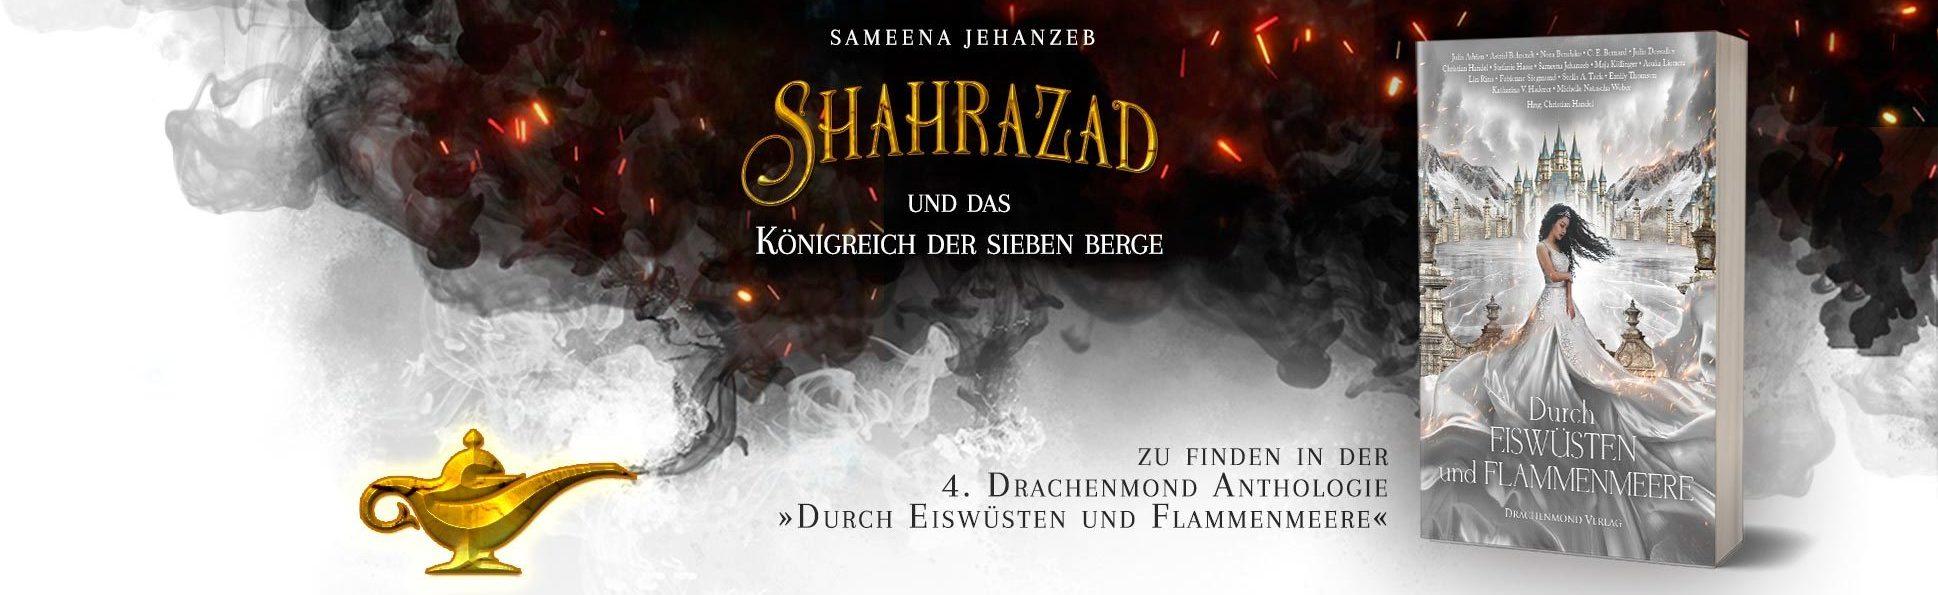 Header, Shahrazad und das Königreich der sieben Berge, Anthologie, Durch Eiswüsten und Flammenmeere